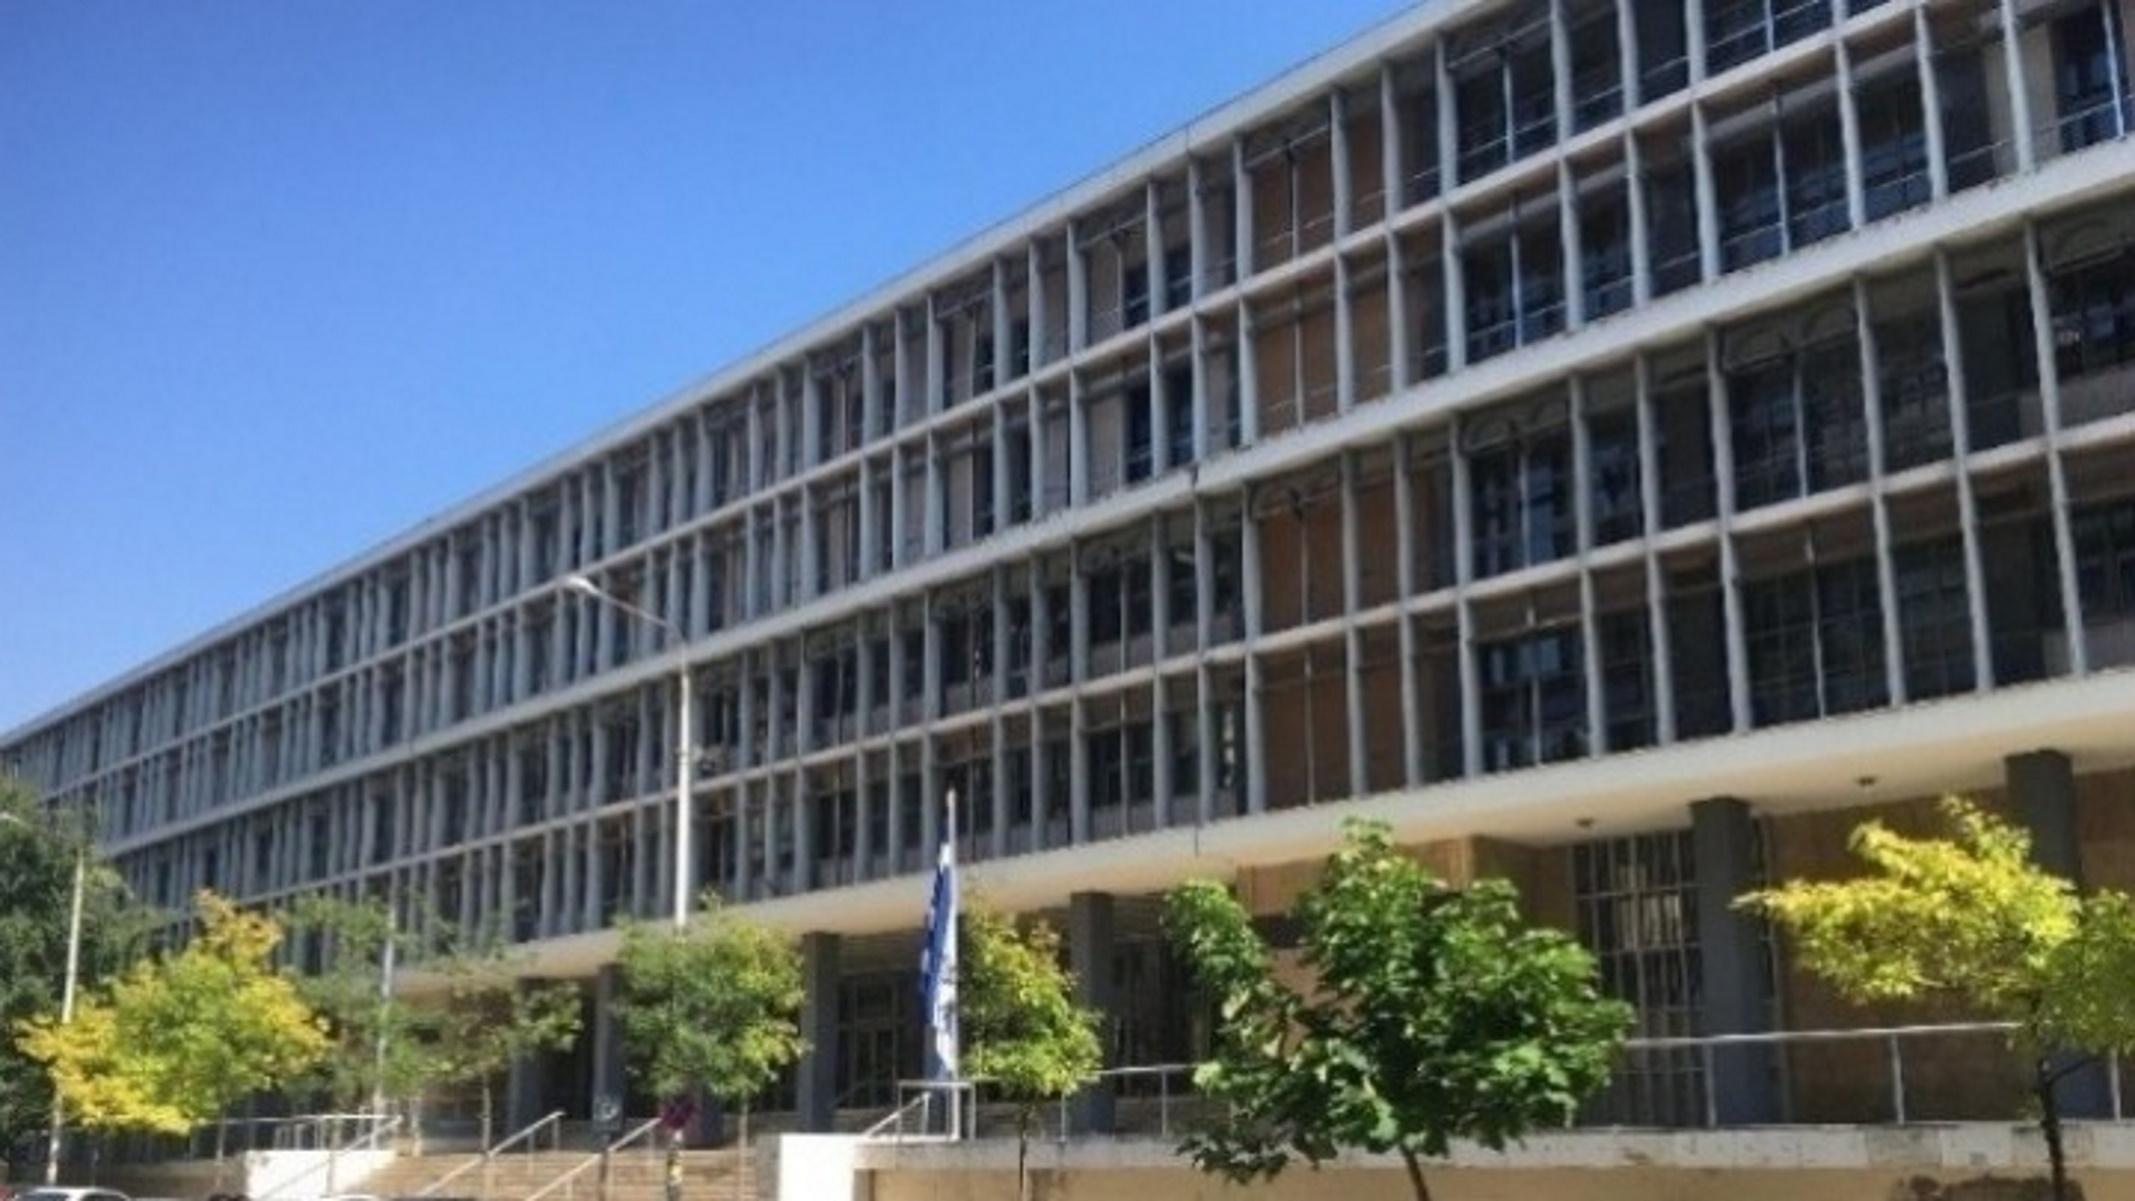 Δικηγόροι έξω από το δικαστικό μέγαρο Θεσσαλονίκης: «Η Δικαιοσύνη σε αναστολή»